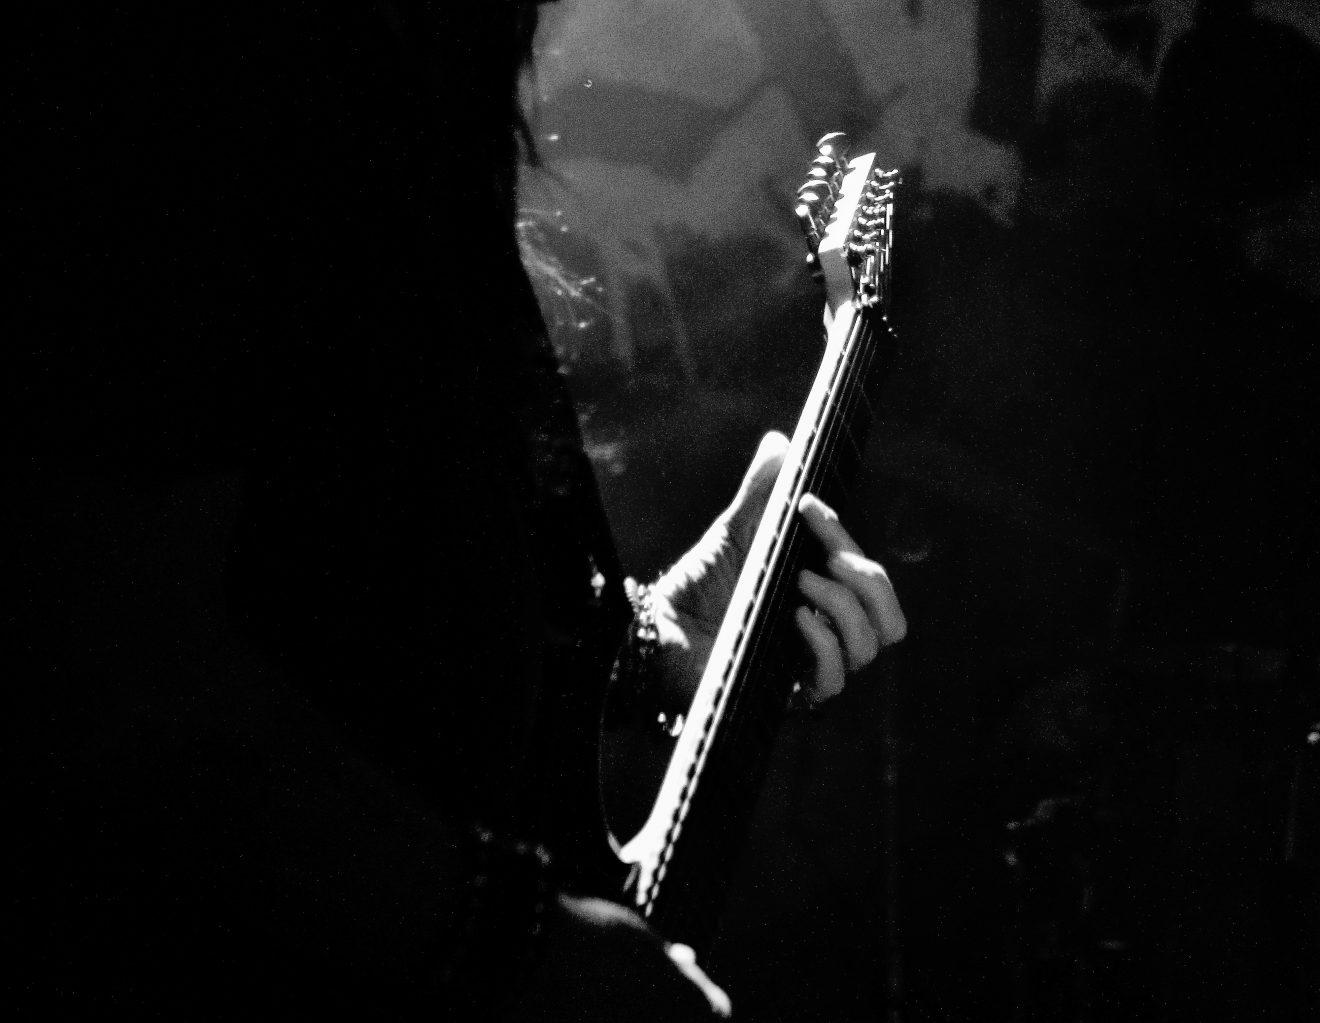 HiFi Klubben i Køge inviterer til gratis intimkoncert i mørke